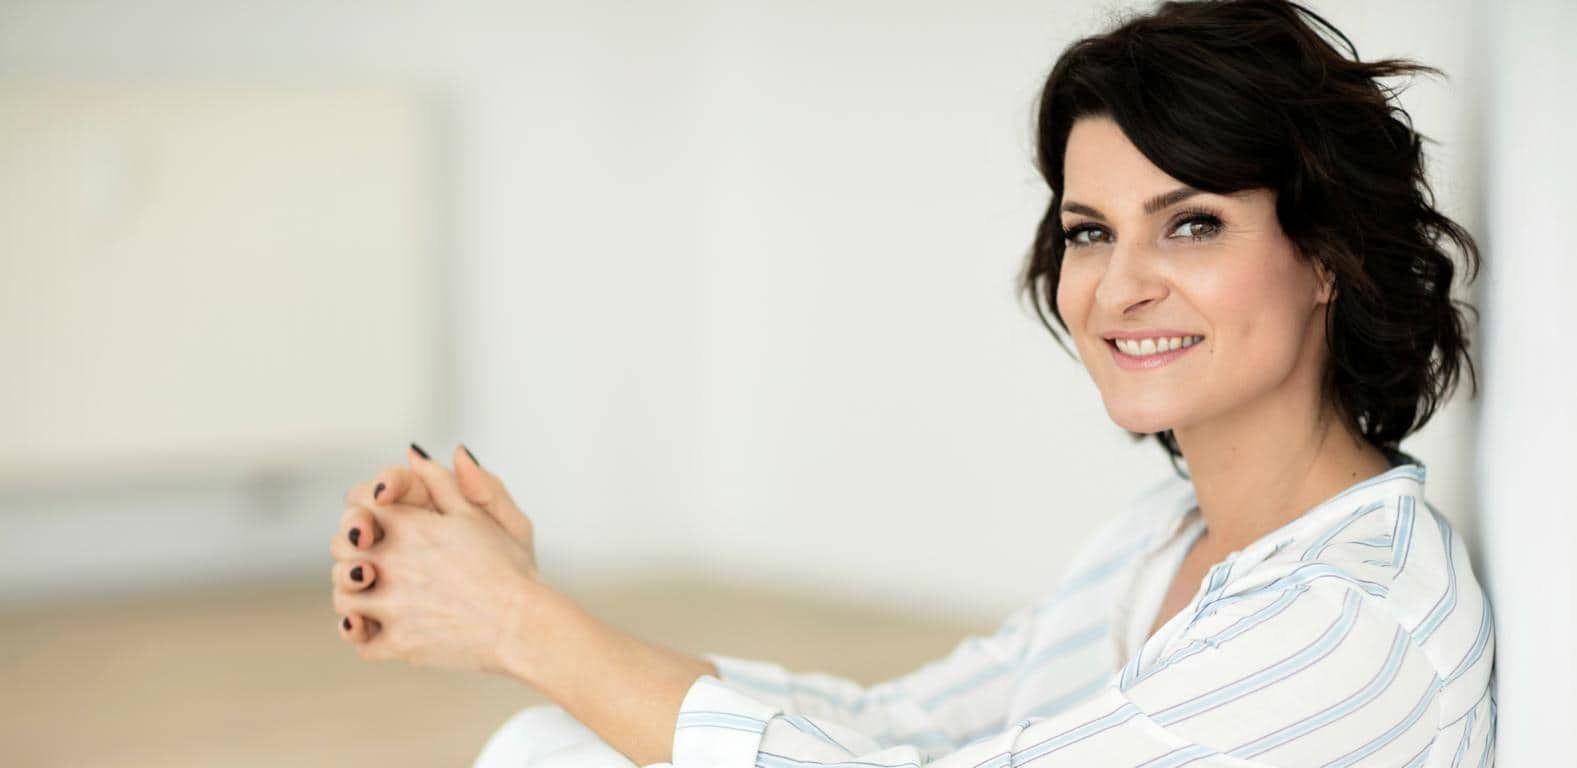 """""""Faces behind glasses: Marlene Lufen im Interview"""